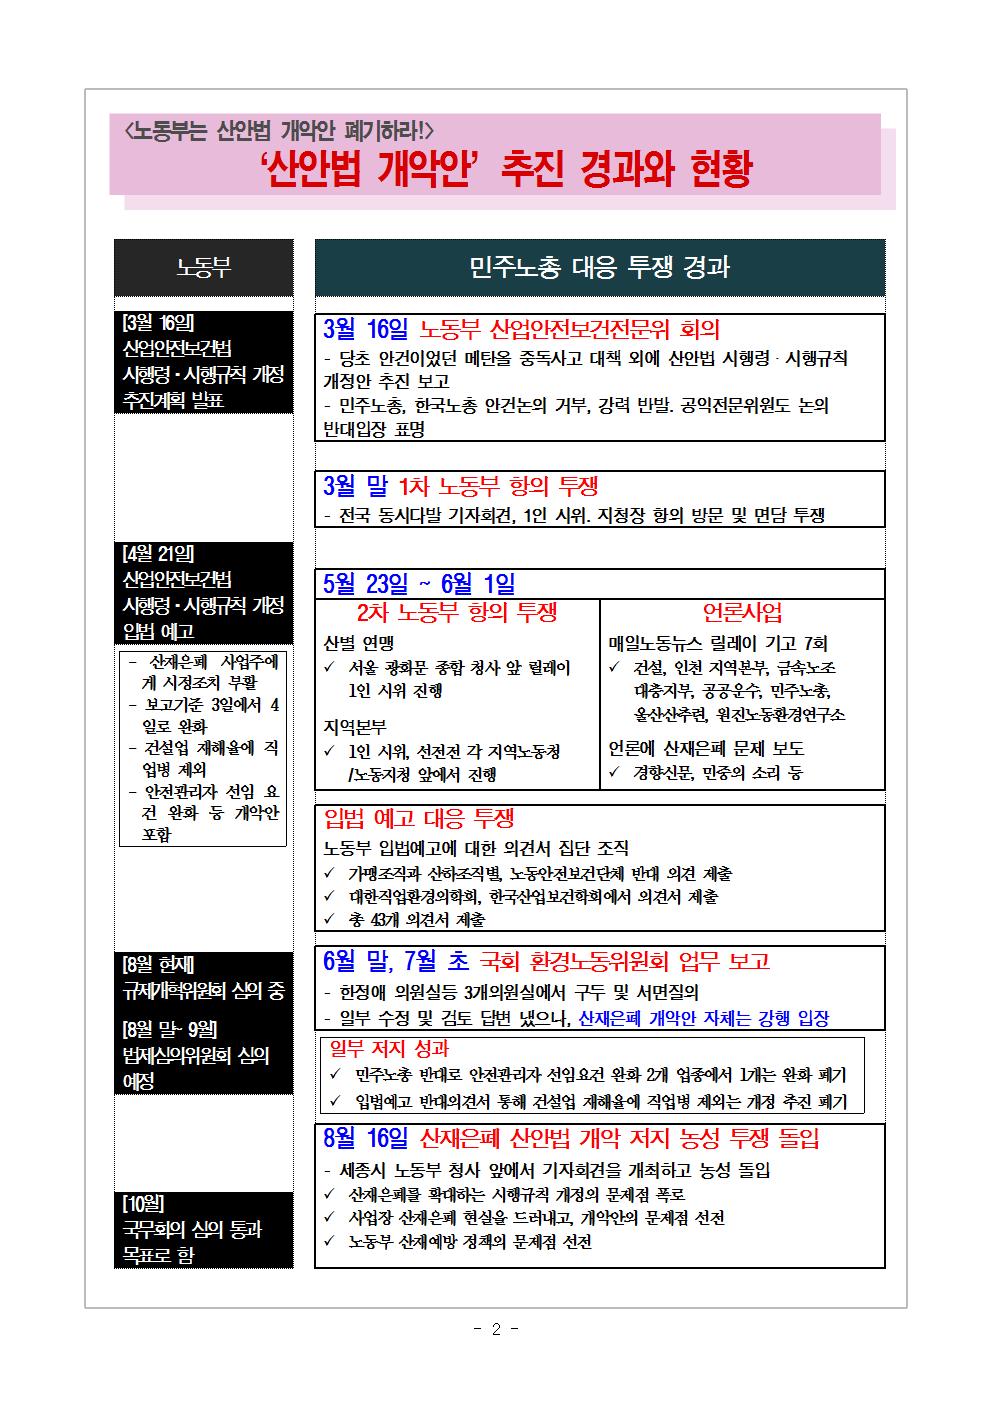 [2016교육지-7] 산재은폐_산안법개악저지_농성투쟁002.png